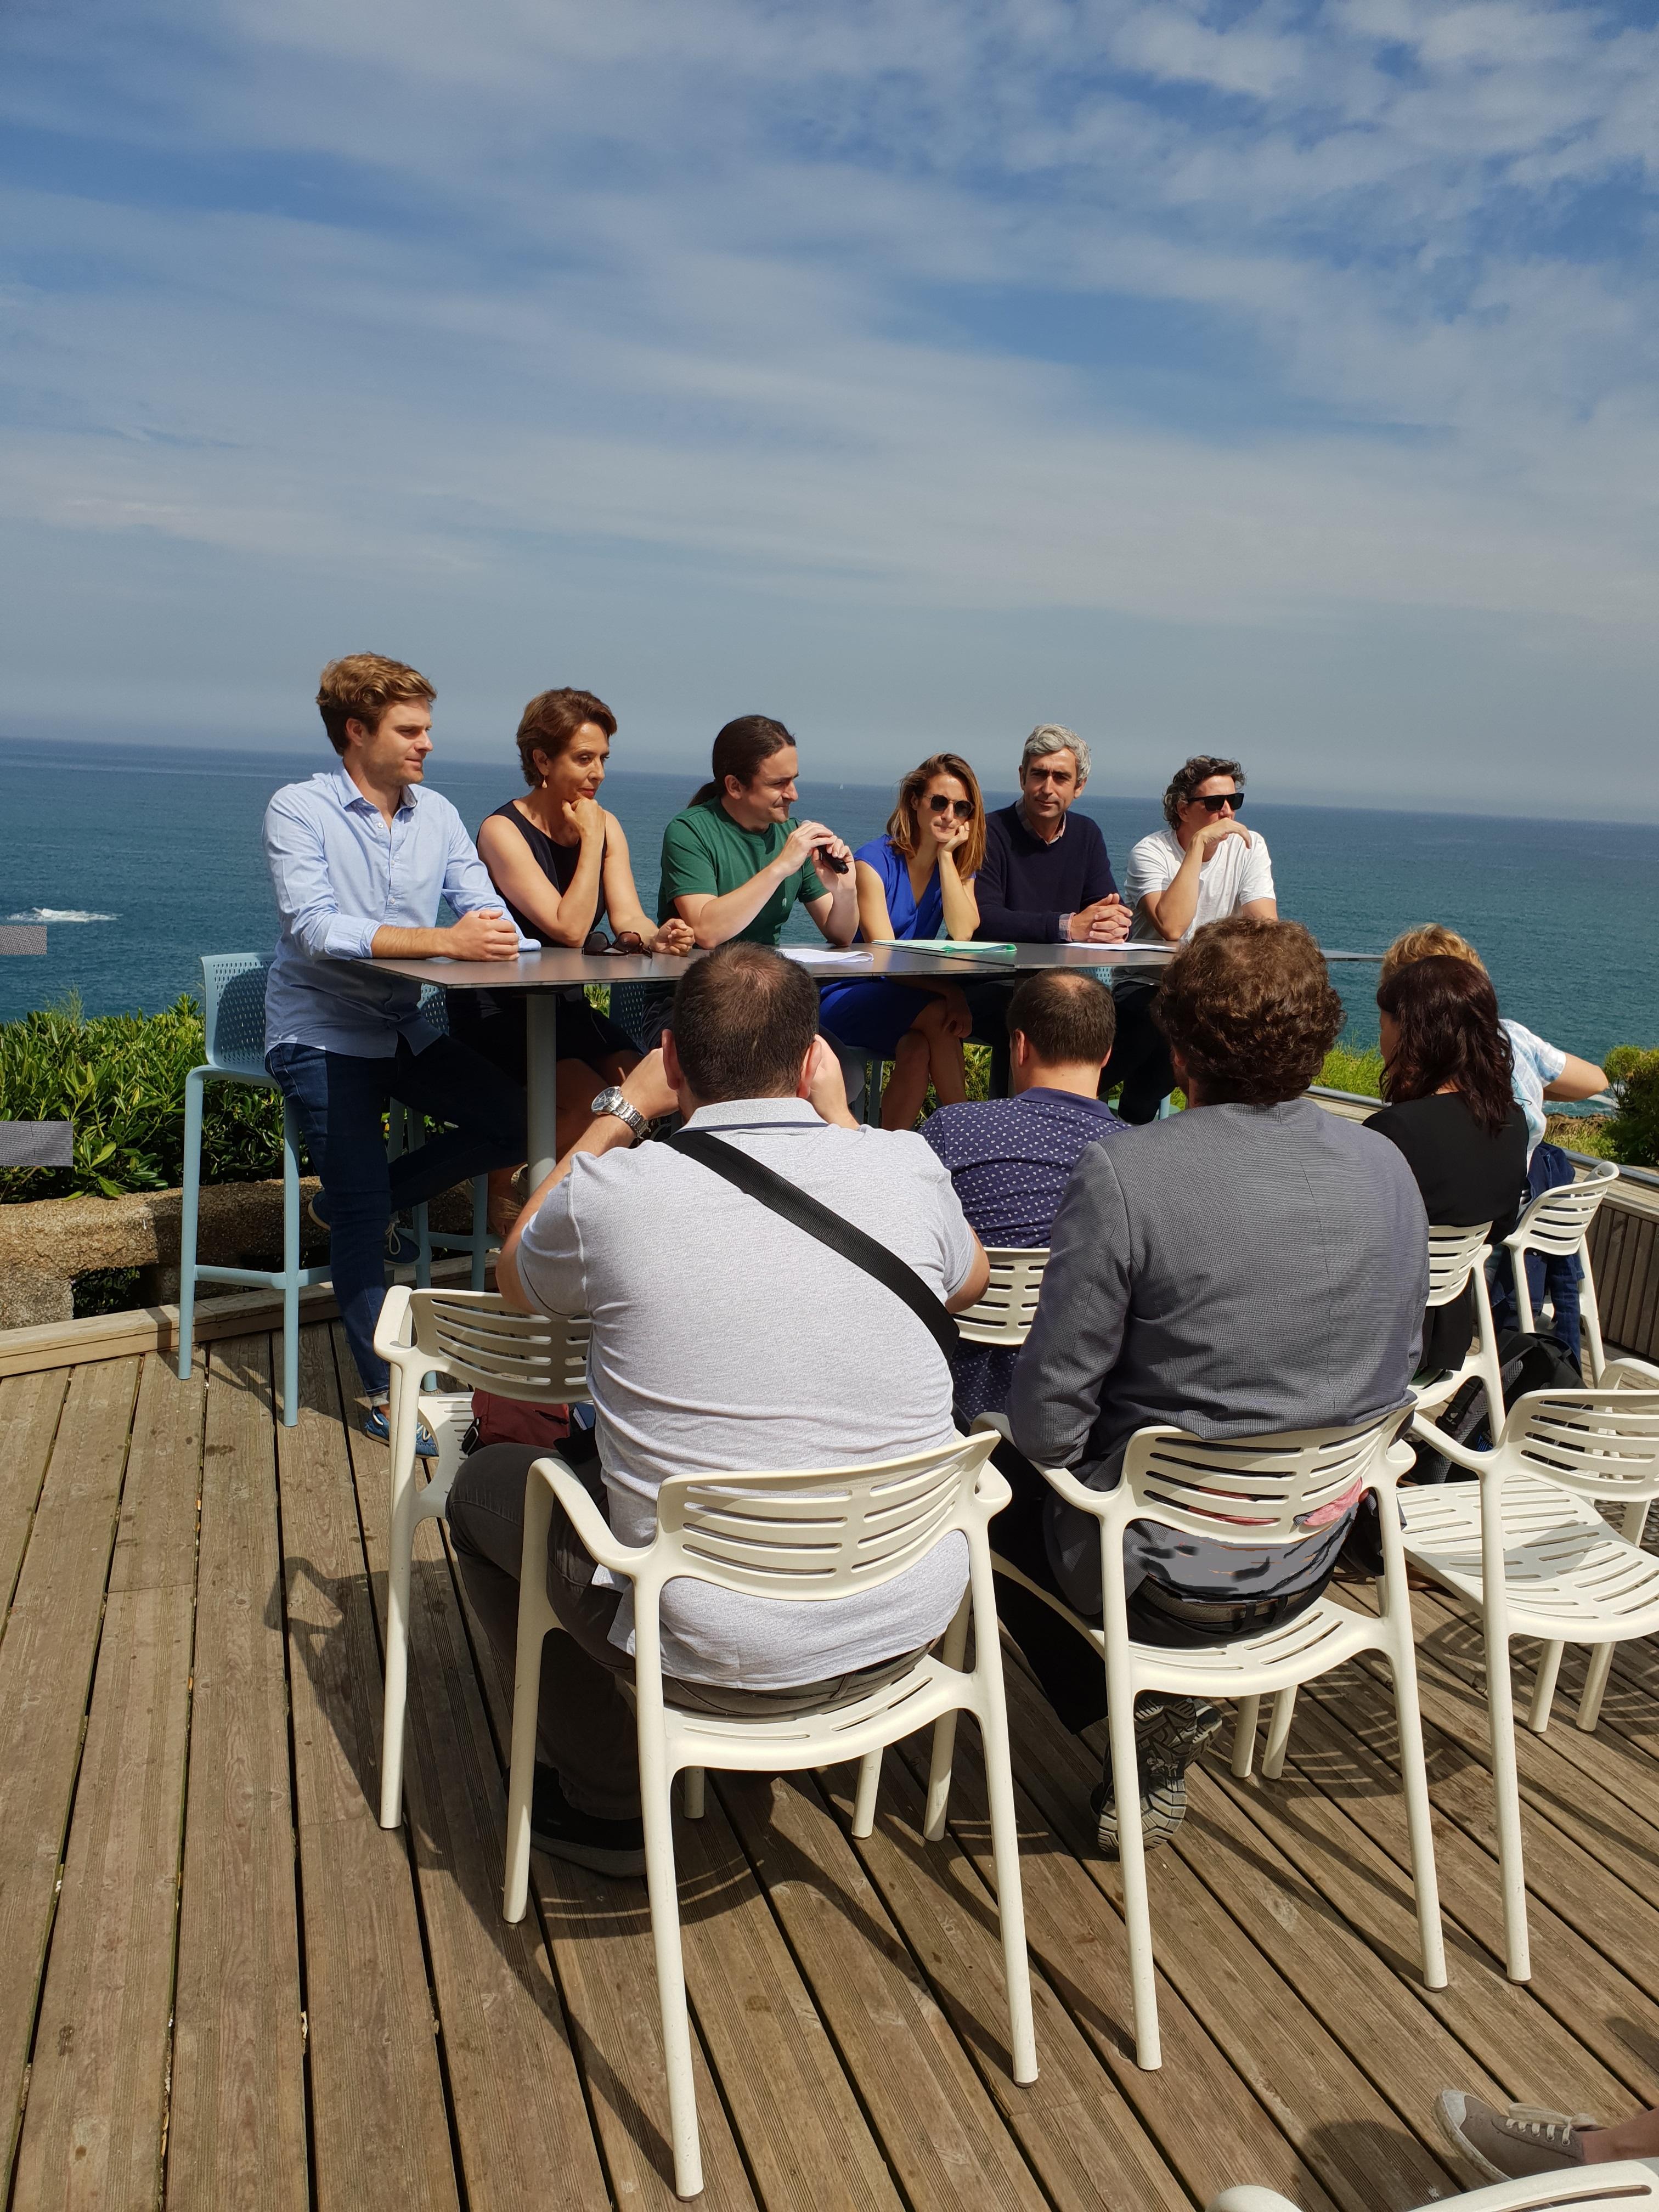 181fbc700a Un très vague « Biarritz nouvelle vague » | Bisque, Bisque, Basque!